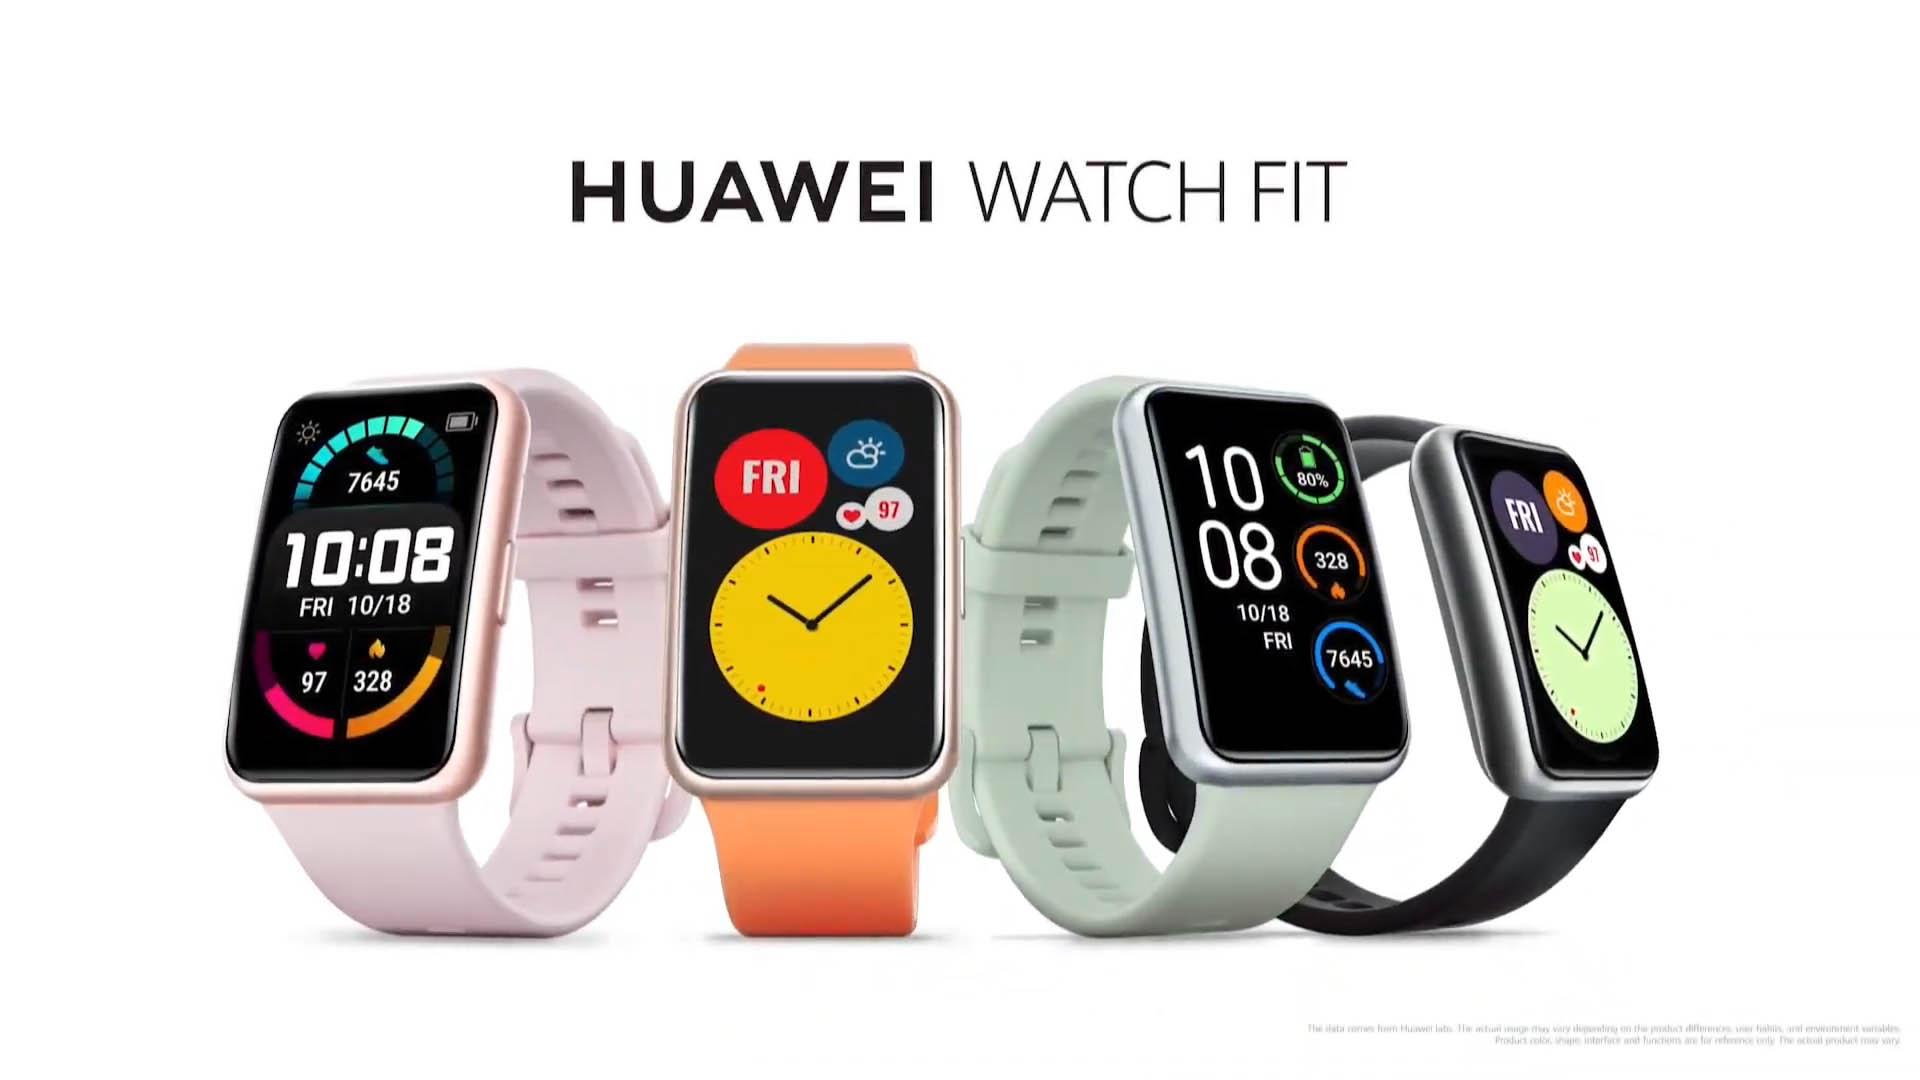 Huawei Watch Fit e GT 2 Pro ufficiali: caratteristiche tecniche e prezzo 5